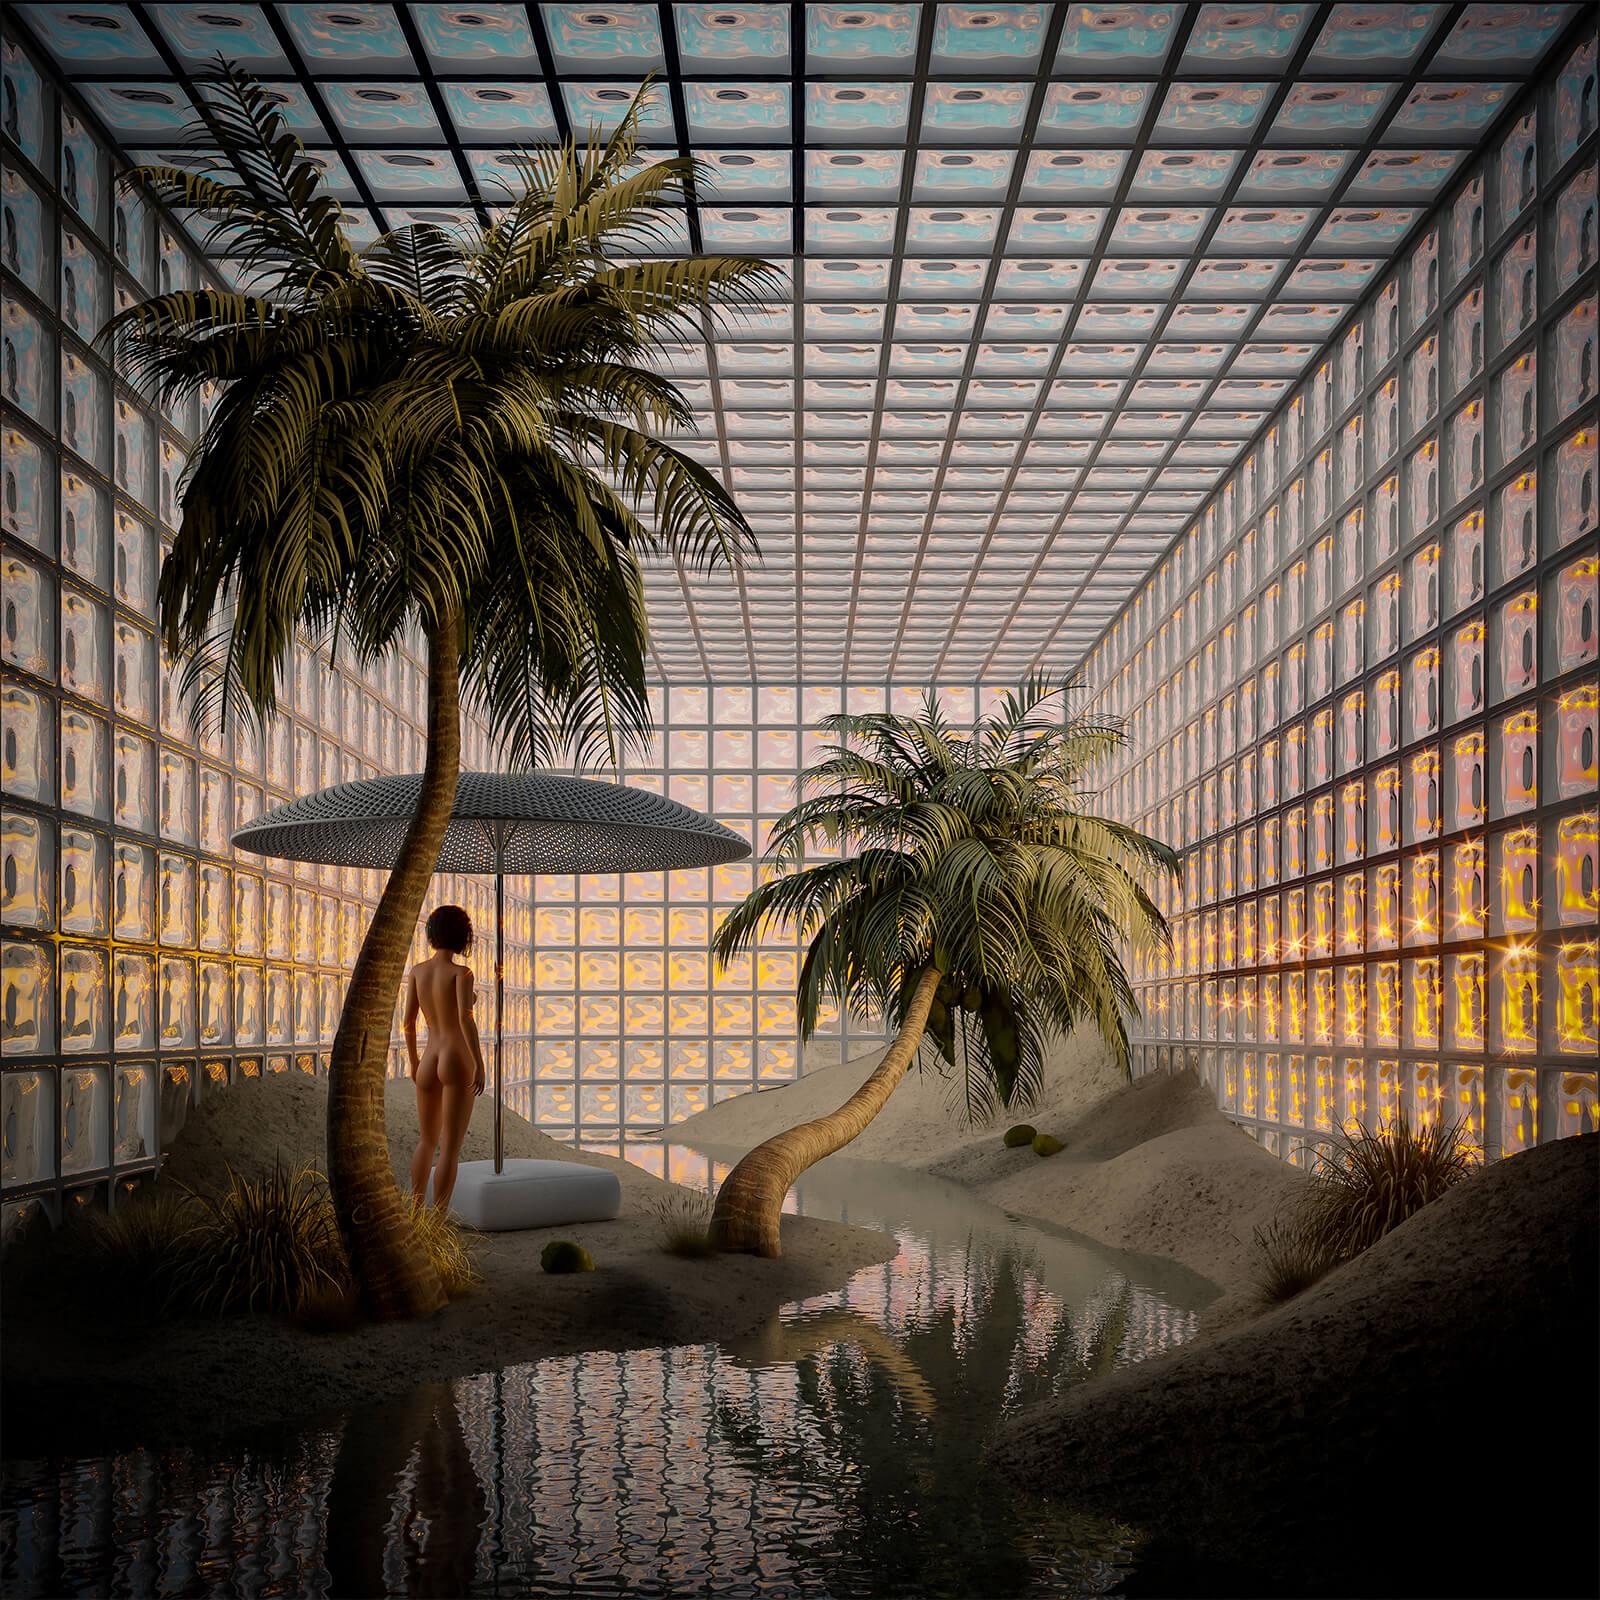 A private beach digital art created by Giacomo Mason